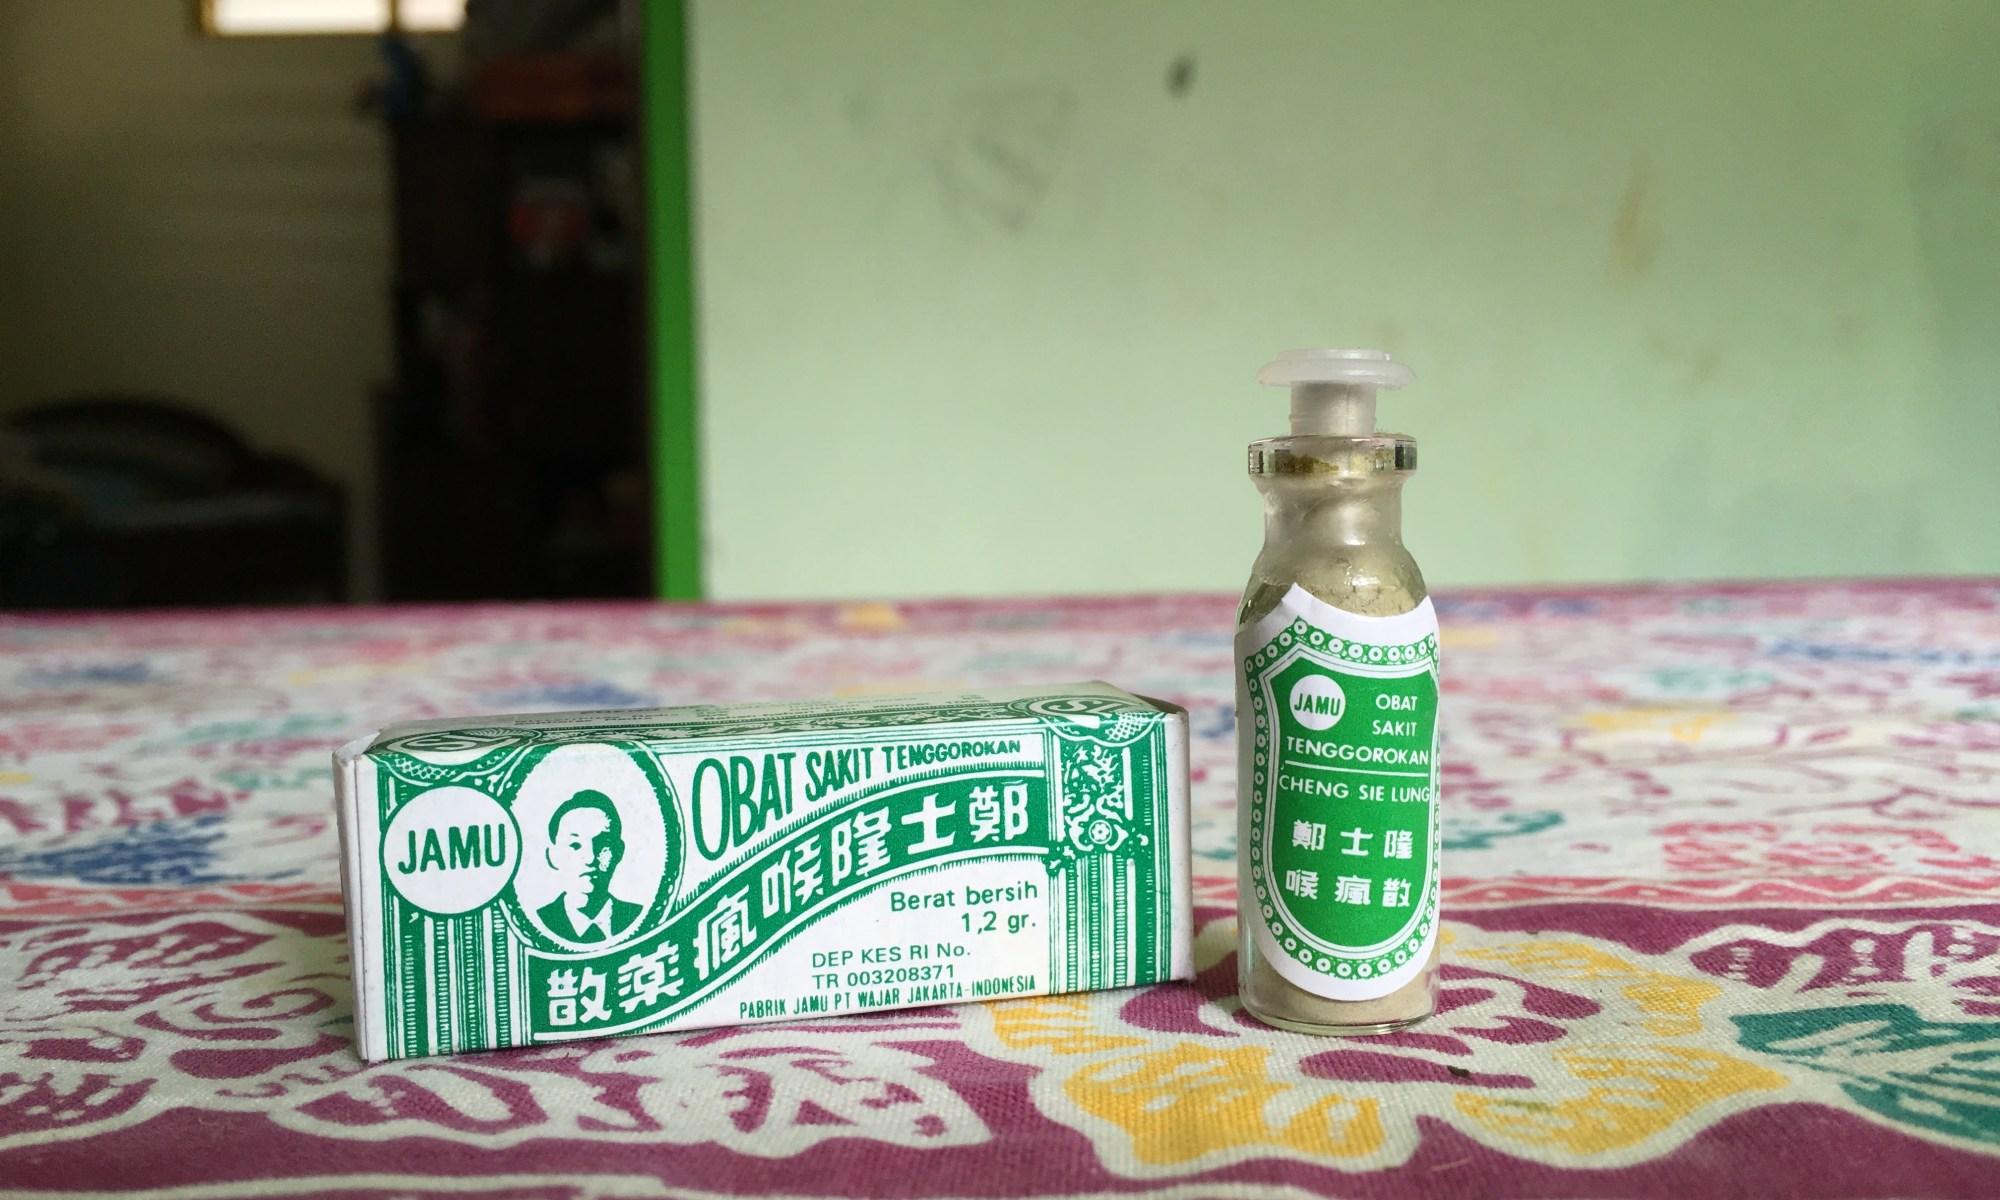 Obat China Obat Sakit Tenggorokan